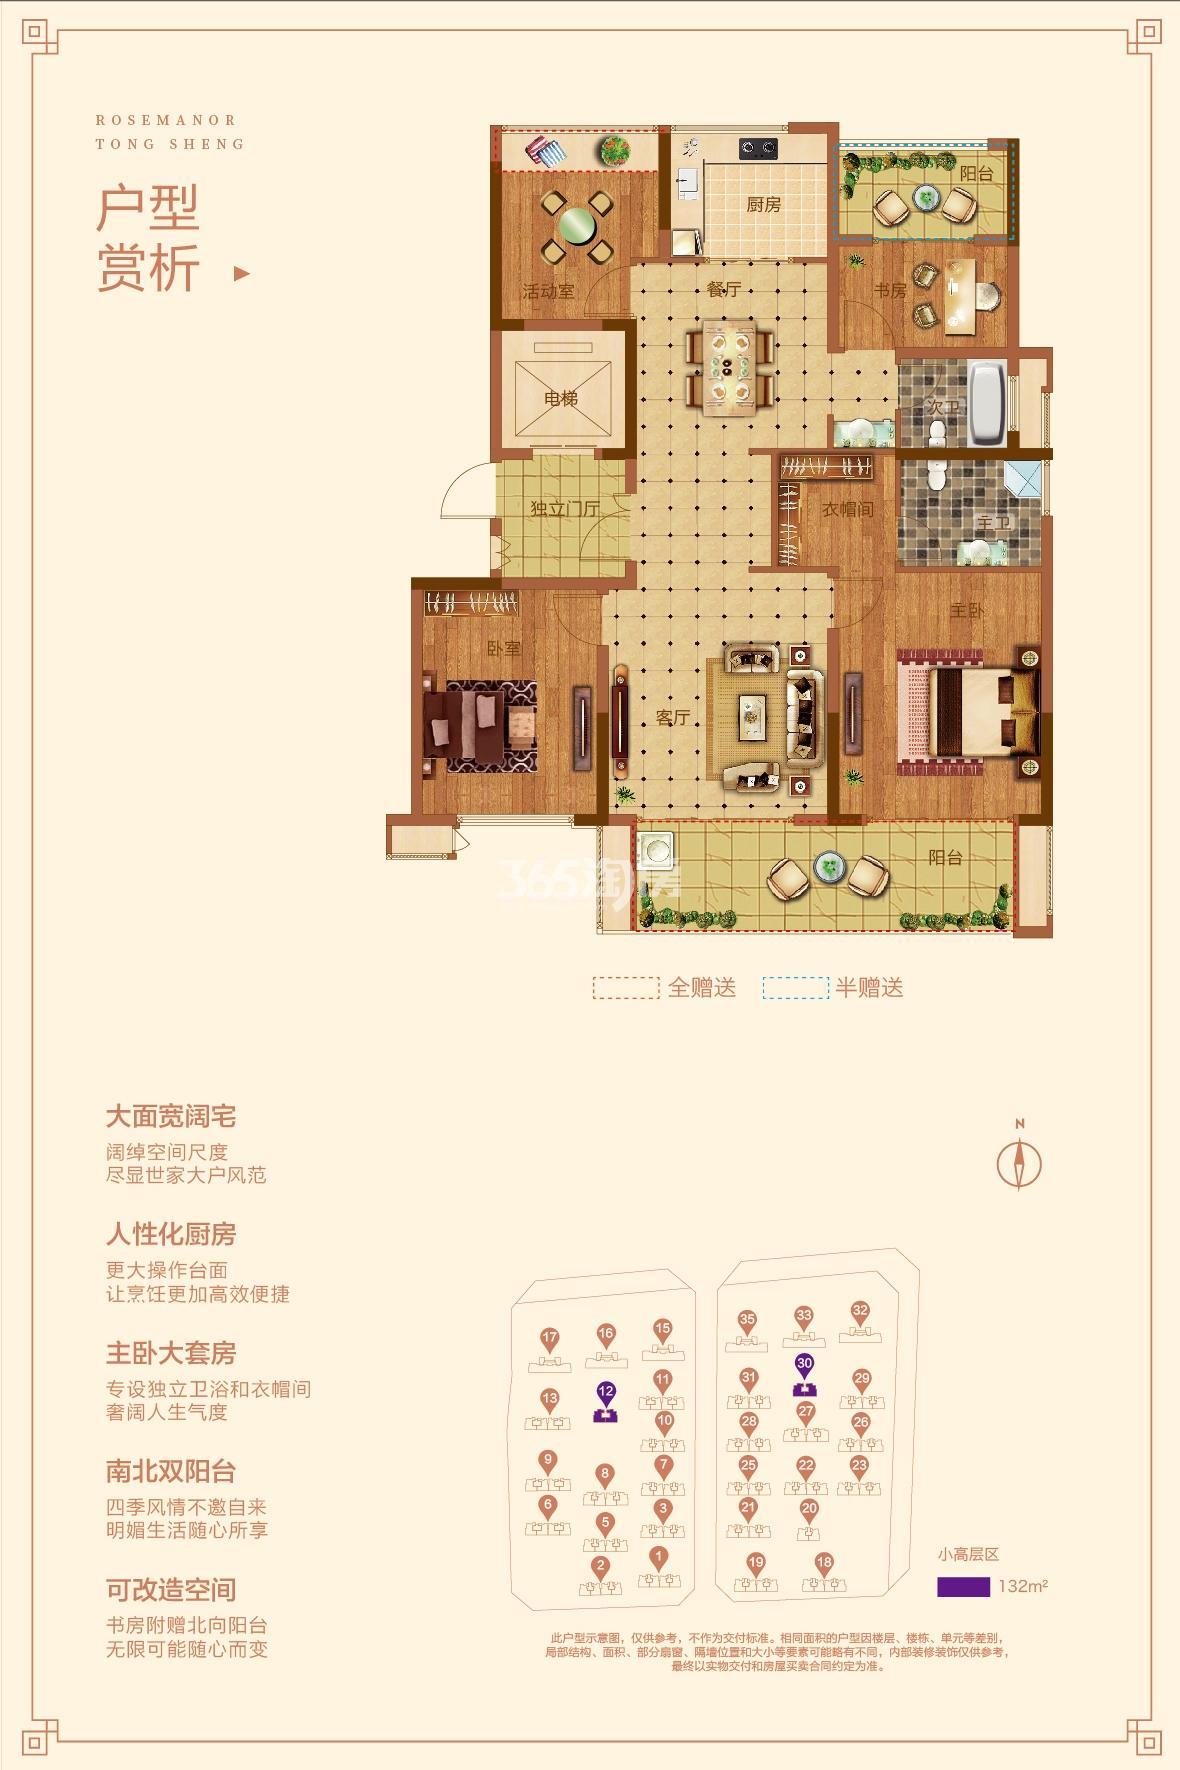 同昇玫瑰庄园Y2: 四室 二厅 二卫 125-132㎡